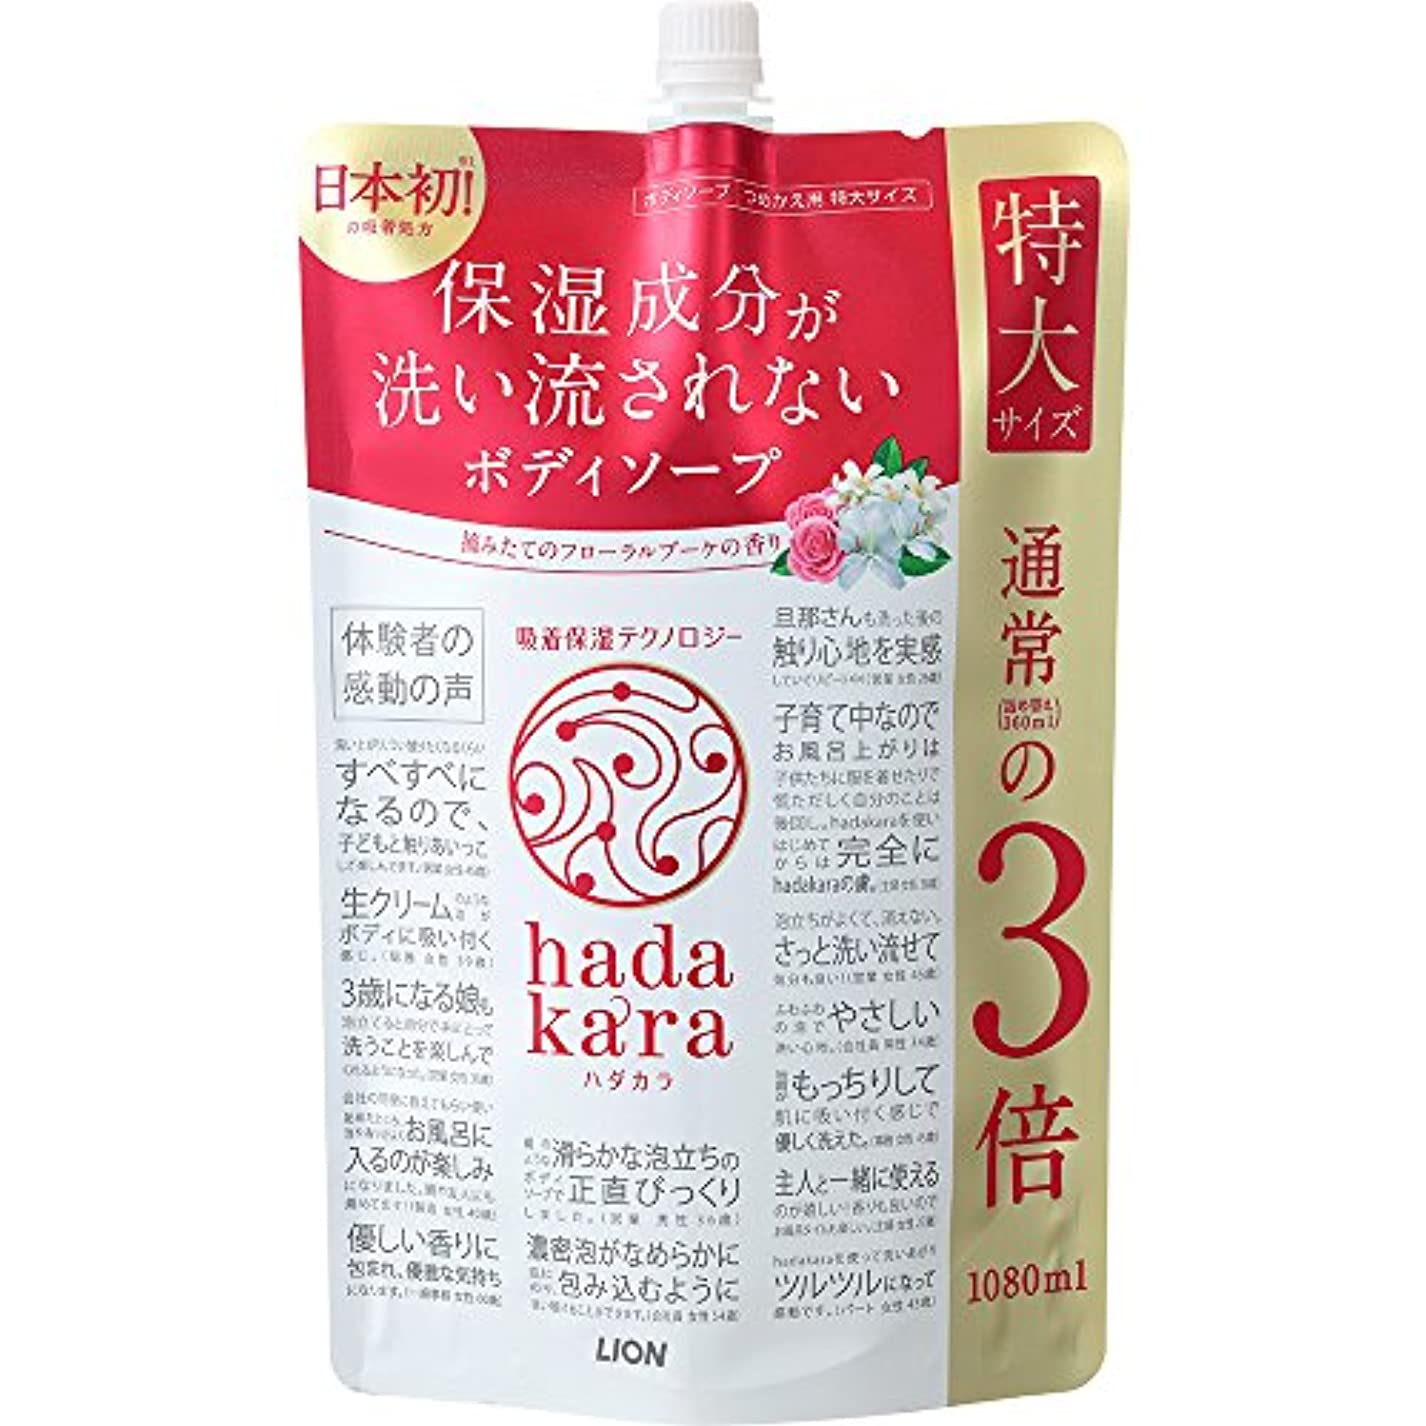 印象的な無謀芸術的【大容量】hadakara(ハダカラ) ボディソープ フローラルブーケの香り 詰め替え 特大 1080ml